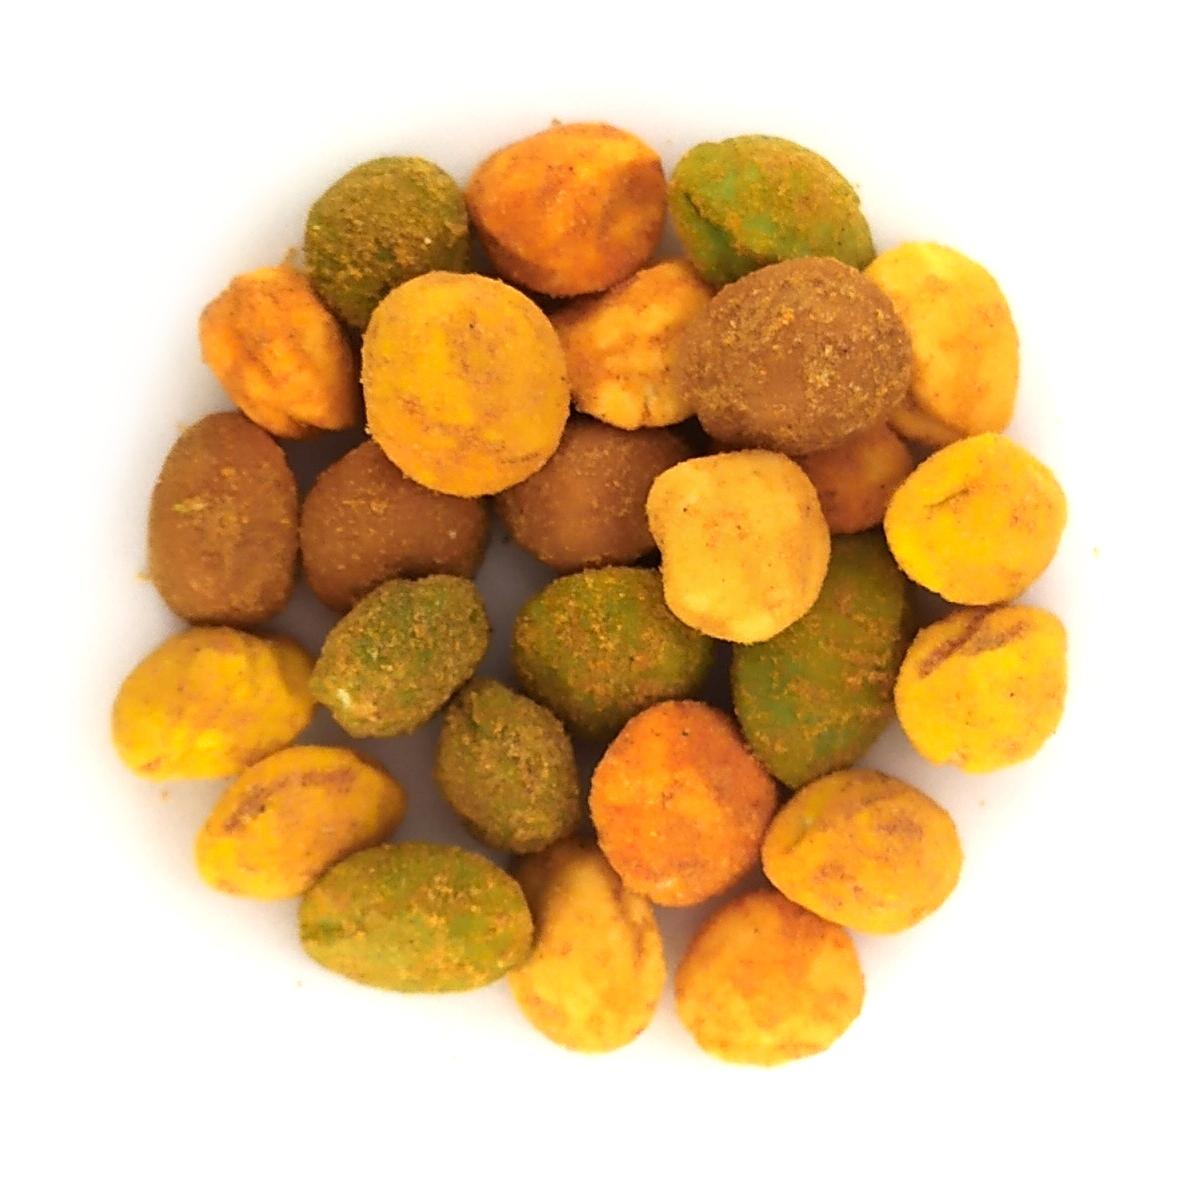 NUTSMAN Arašídy v ďábelském koření Množství: 500 g - nejvyšší kvalita zaručena